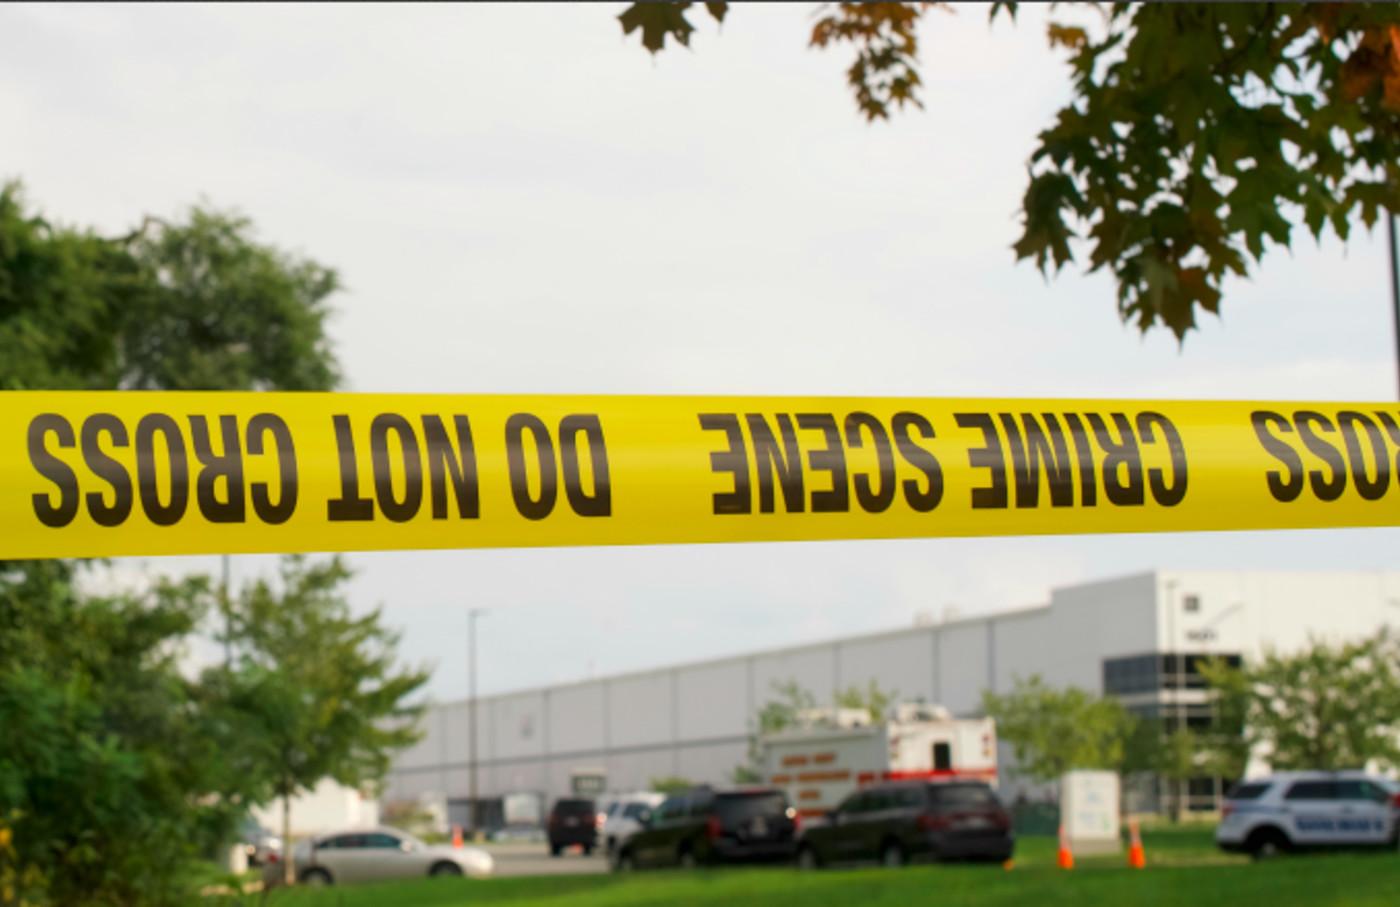 Crime scene tape flutters